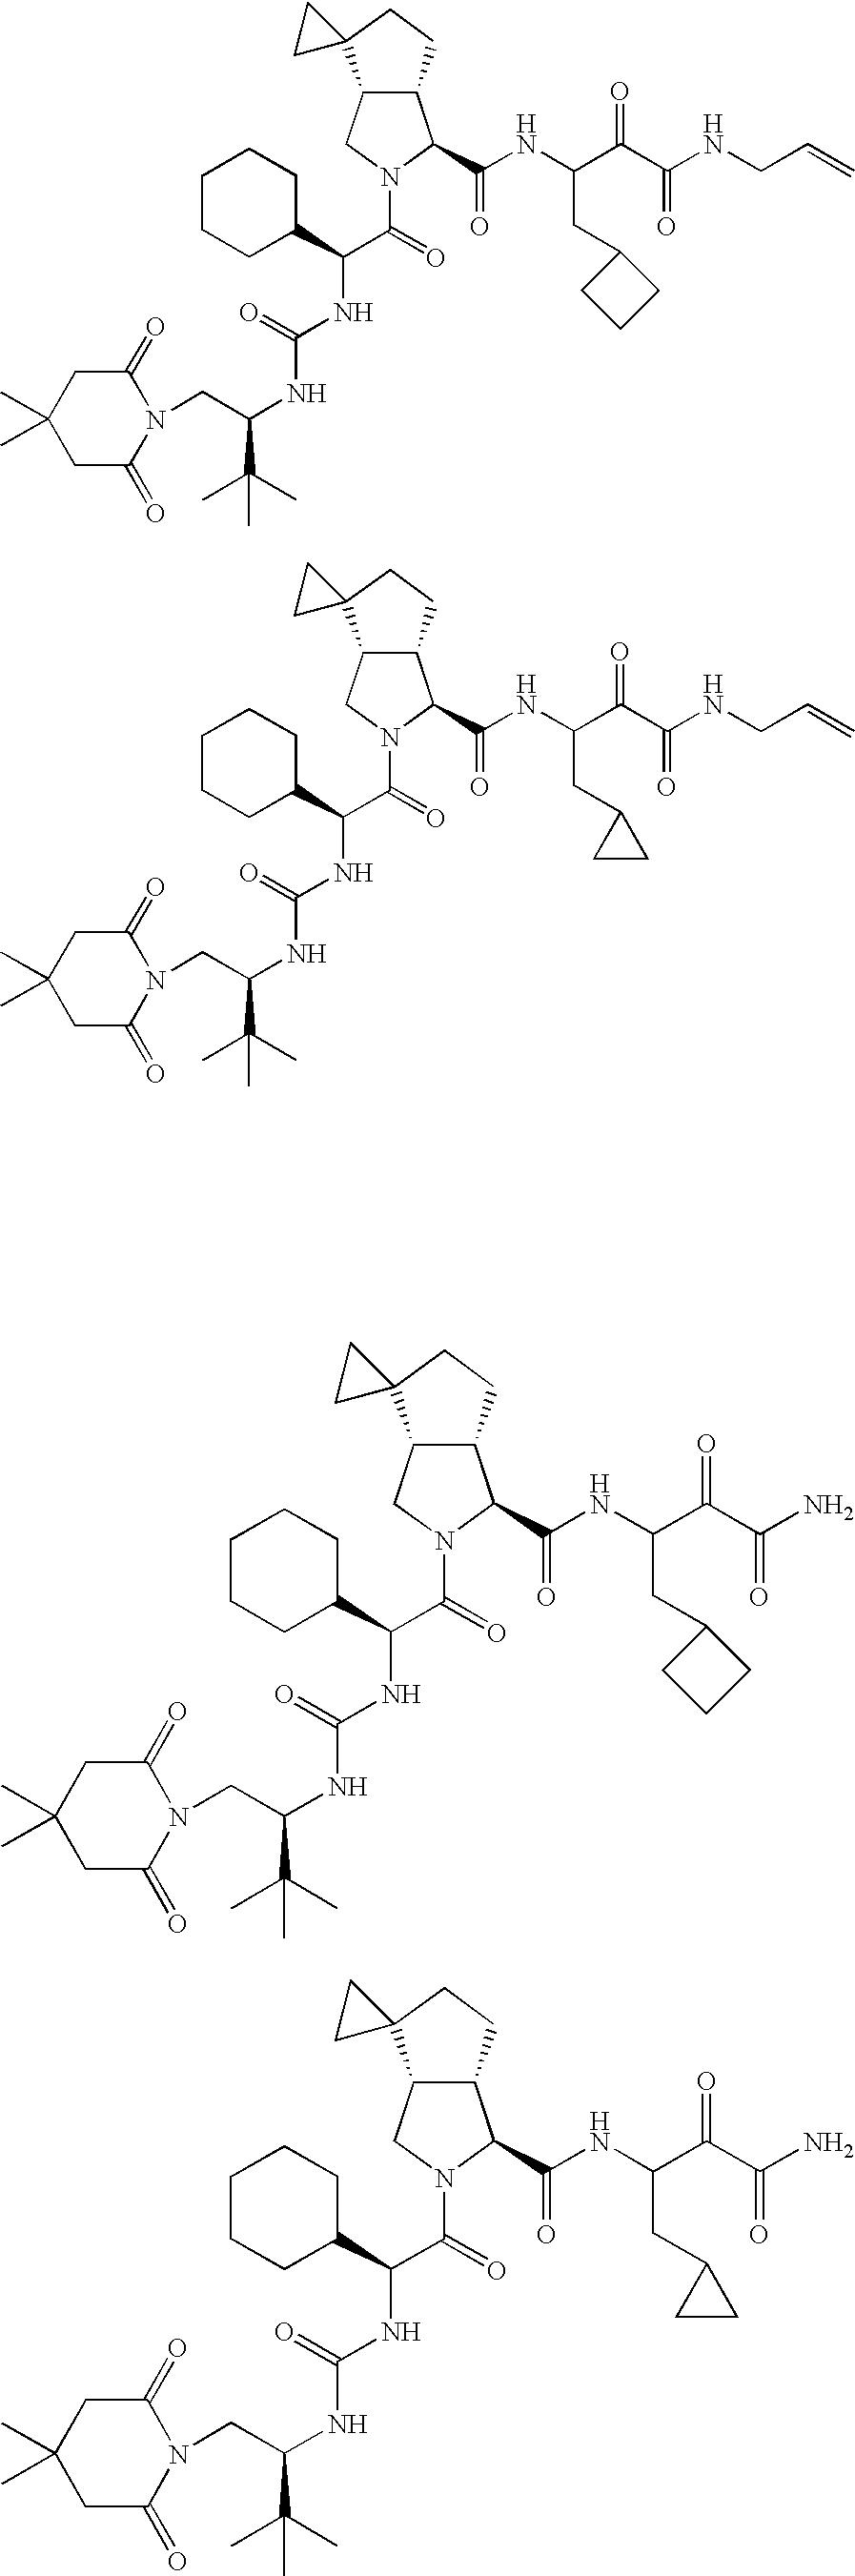 Figure US20060287248A1-20061221-C00512